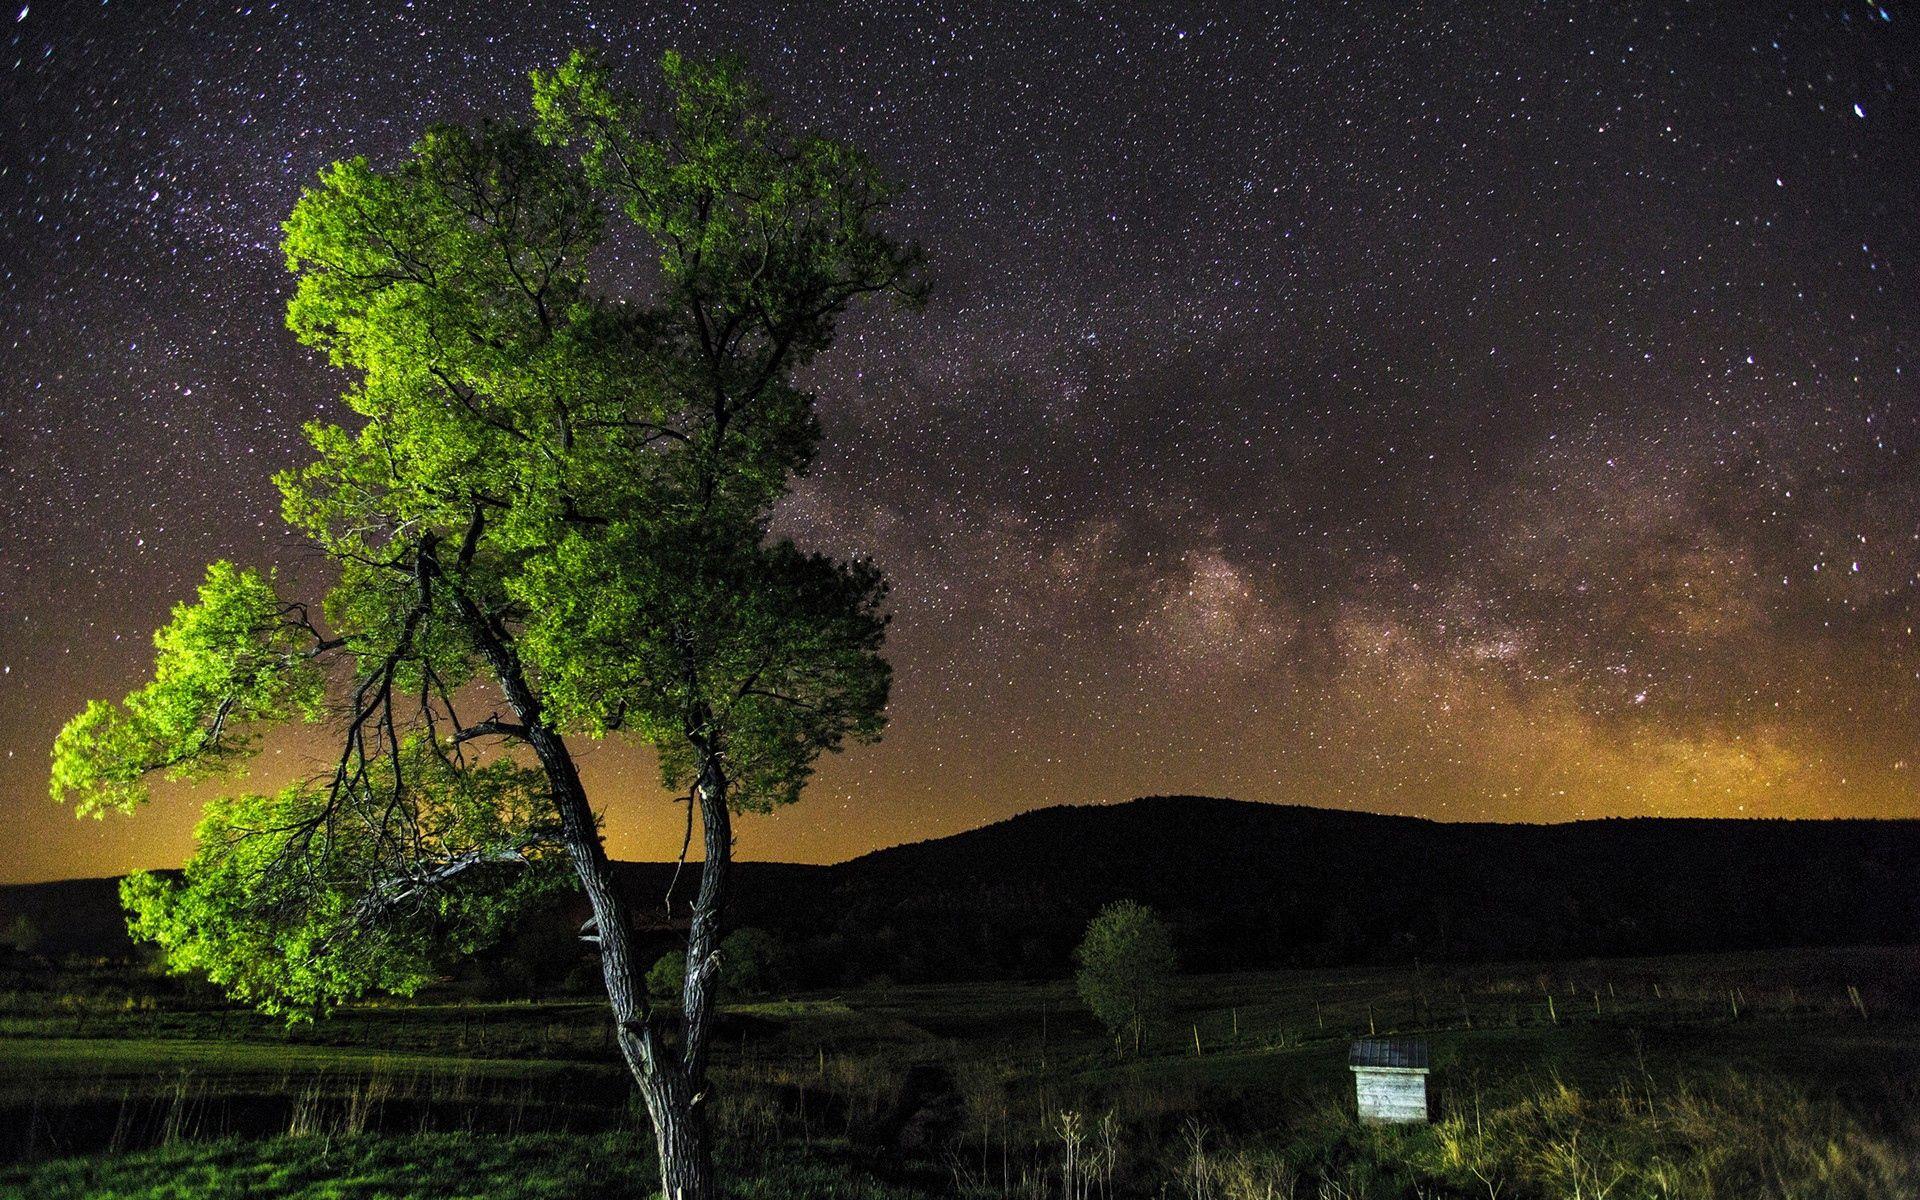 77782 papel de parede 2160x3840 em seu telefone gratuitamente, baixe imagens Natureza, Céu, Estrelas, Noite, Madeira, Árvore 2160x3840 em seu celular